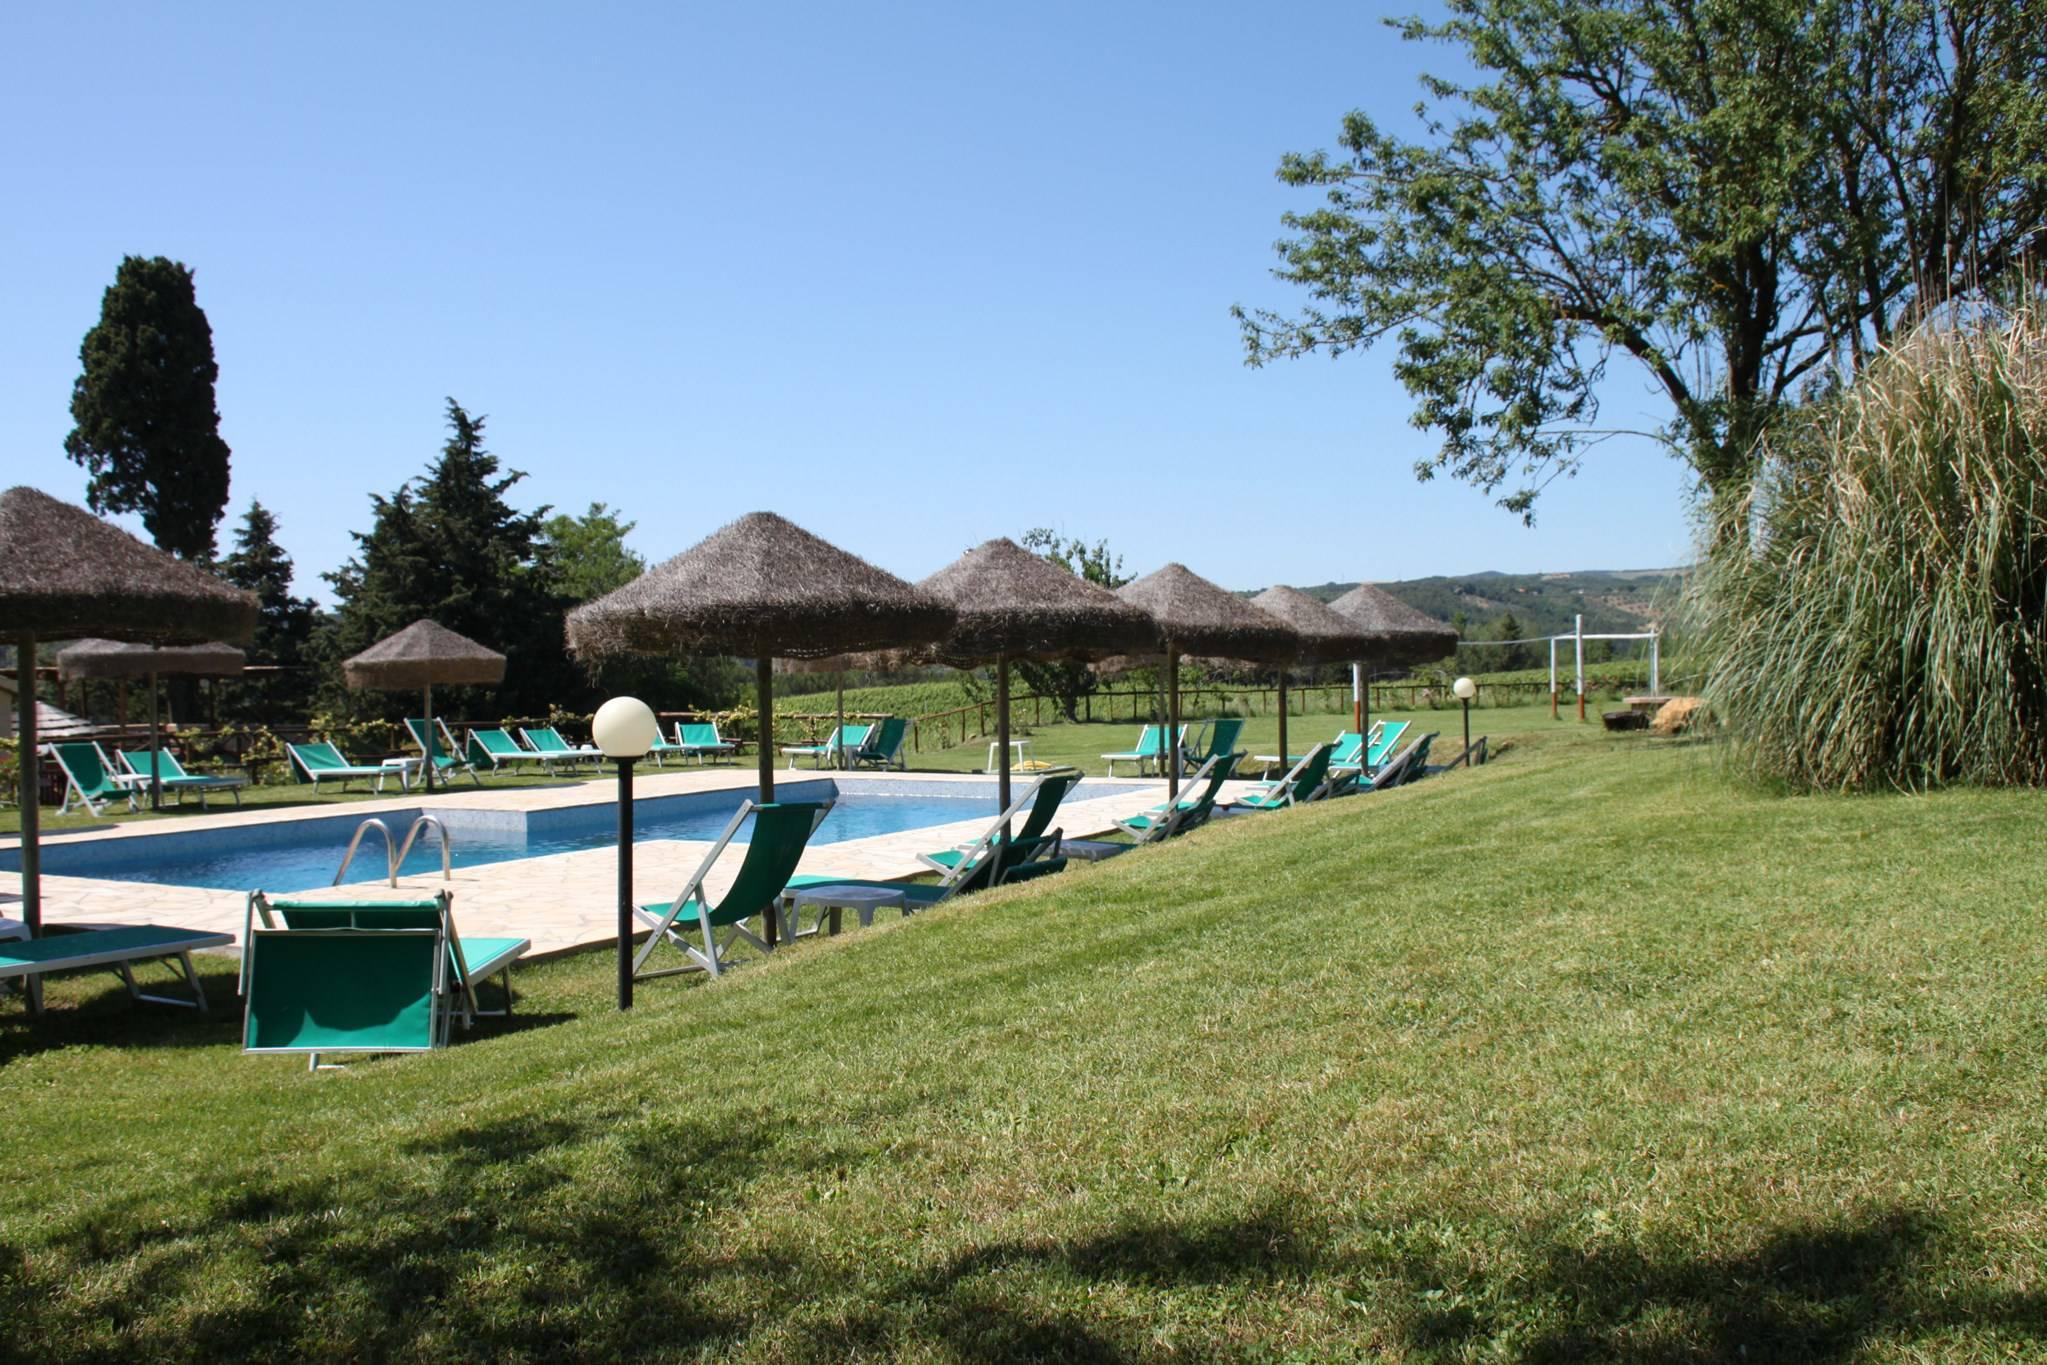 Toscane aupres de la plage ferme piscine parc italie for Piscine grand parc